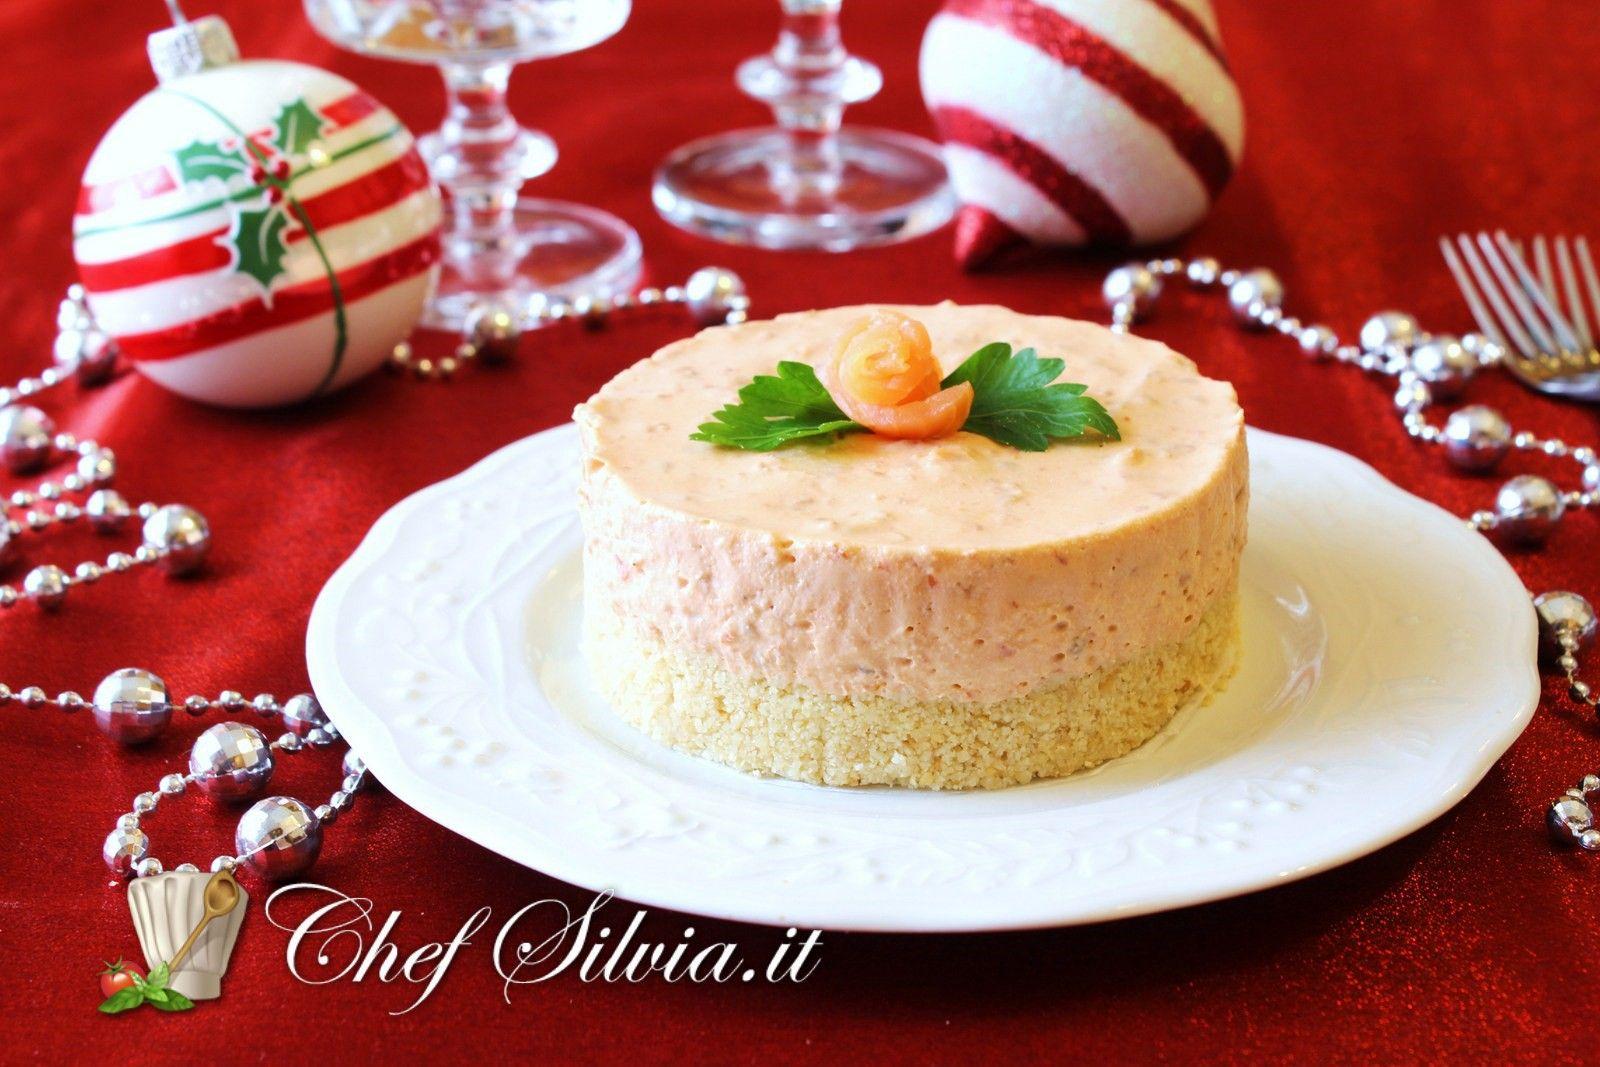 Antipasti Di Natale In Toscana.Antipasti Di Natale 20 Ricette Sfiziose Per Stupire